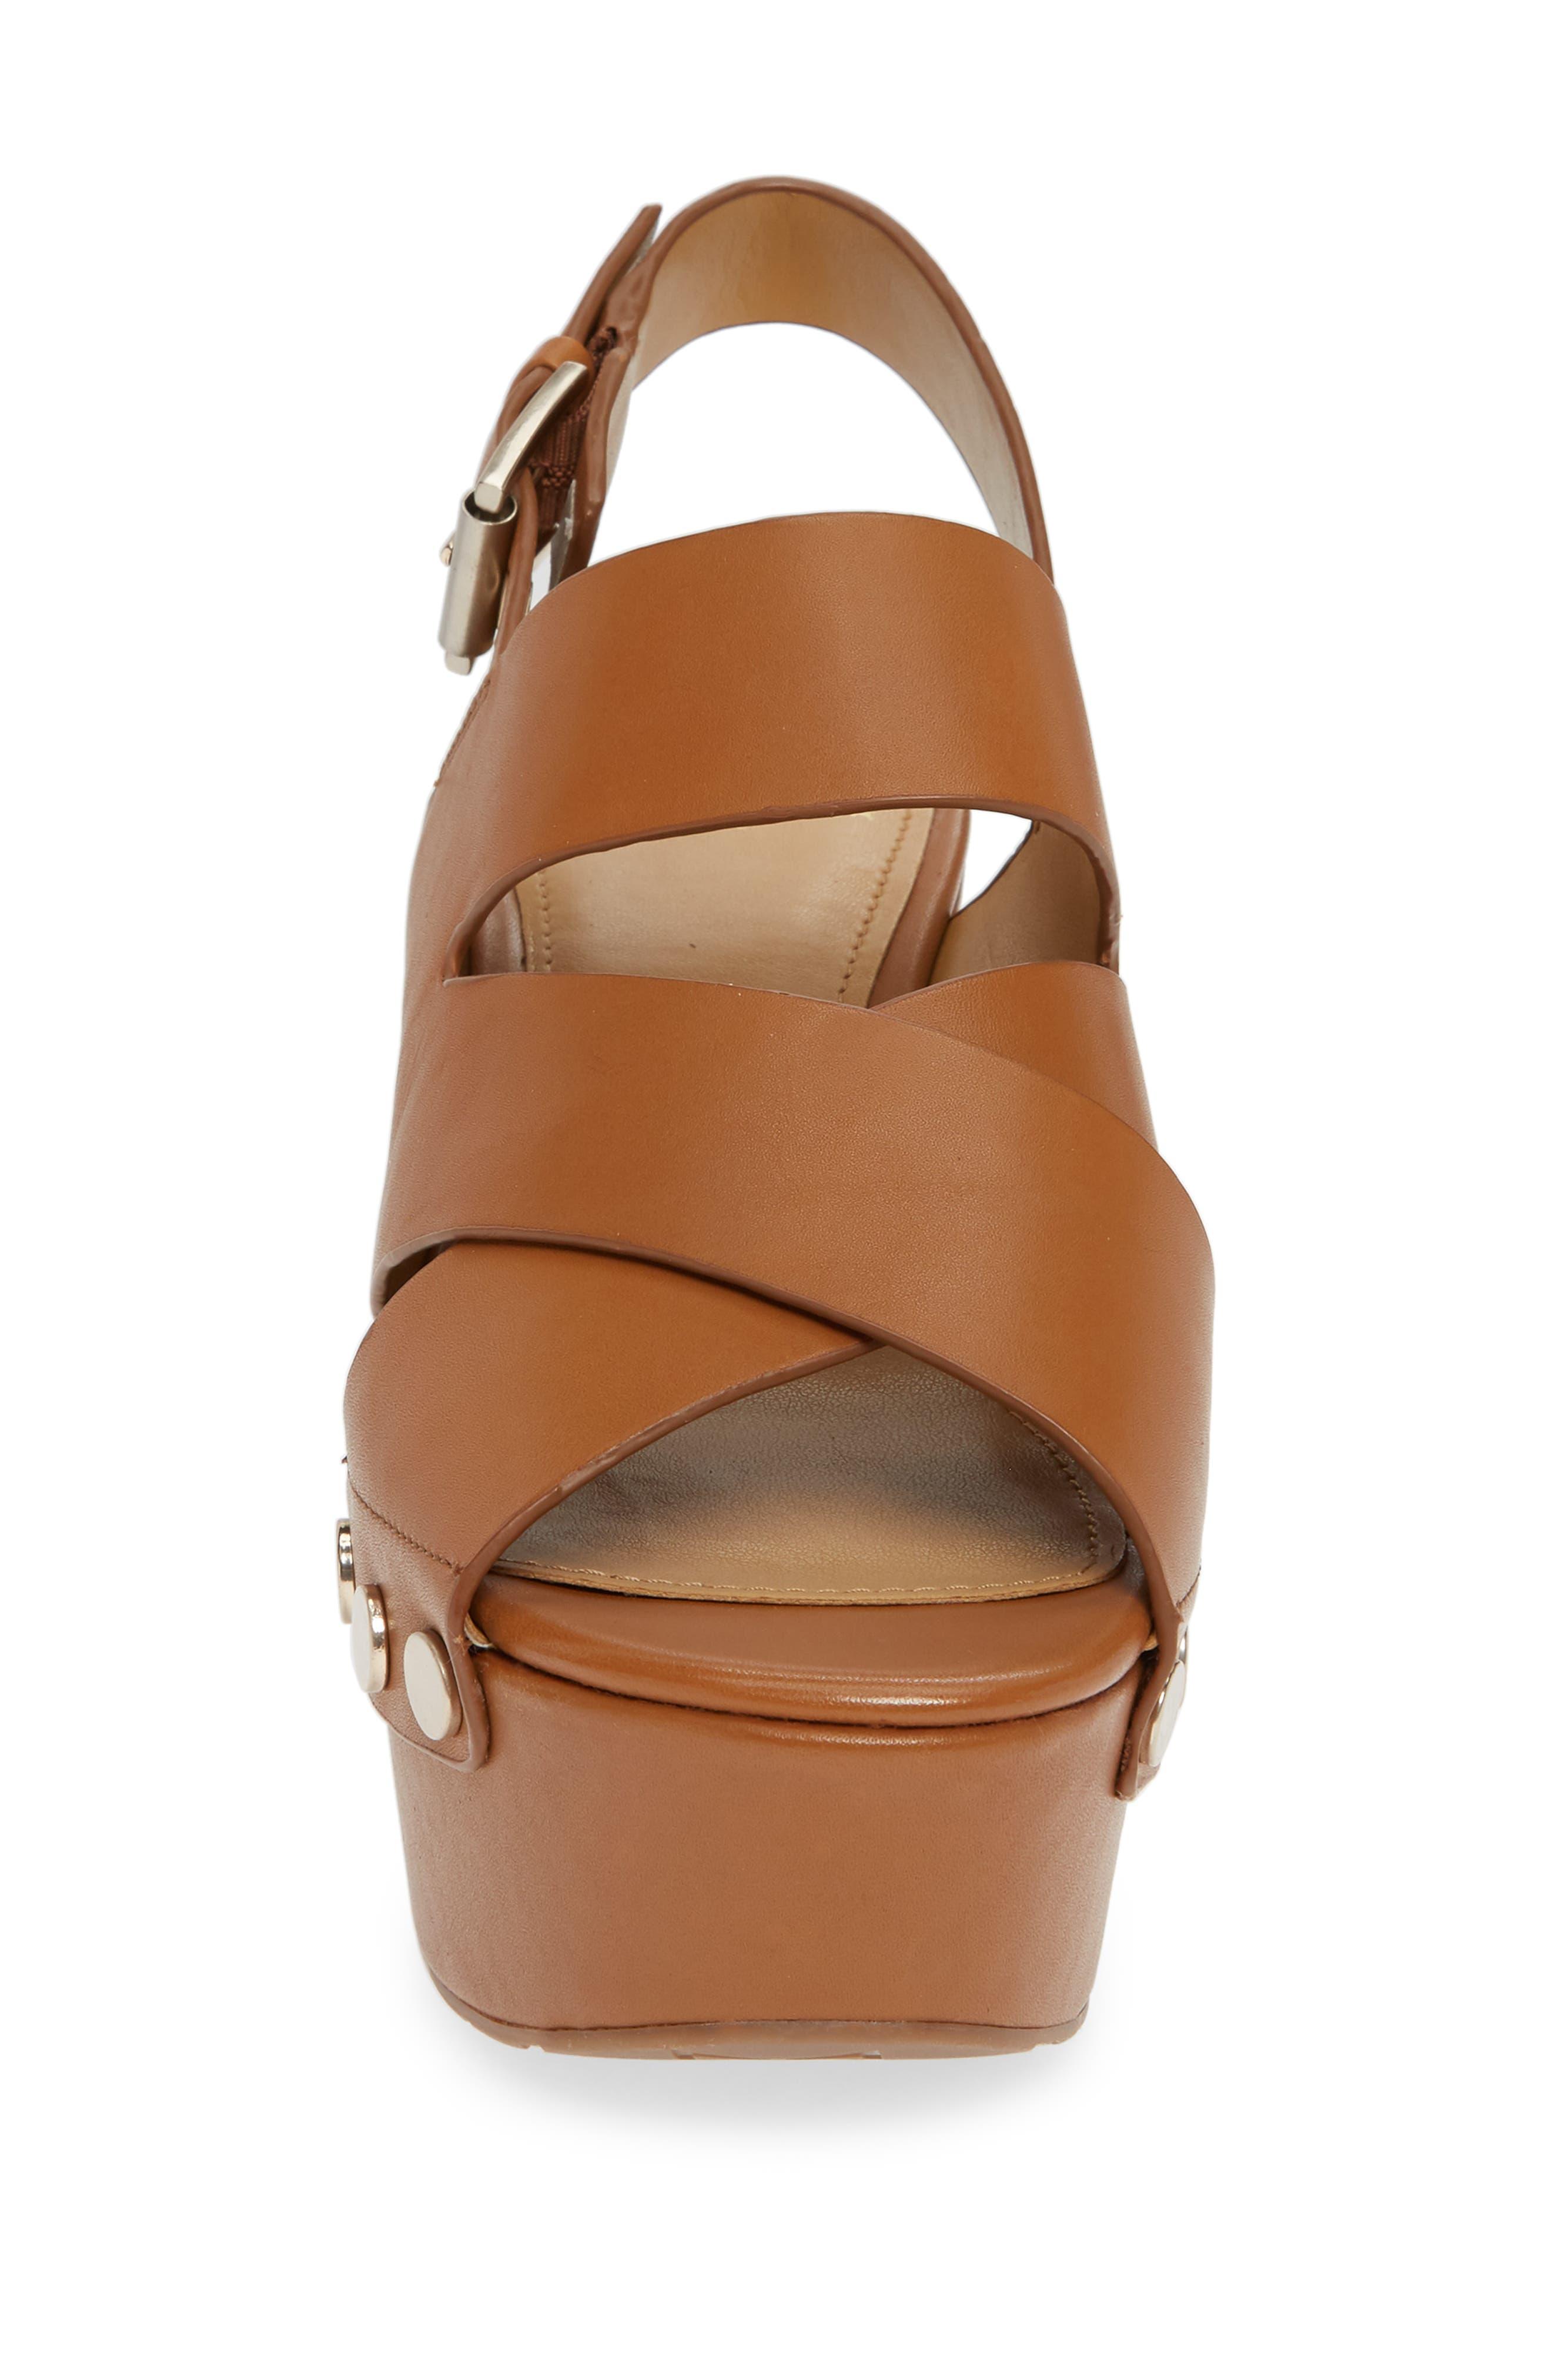 Bianka Platform Wedge Sandal,                             Alternate thumbnail 4, color,                             GINGER SNAP LEATHER